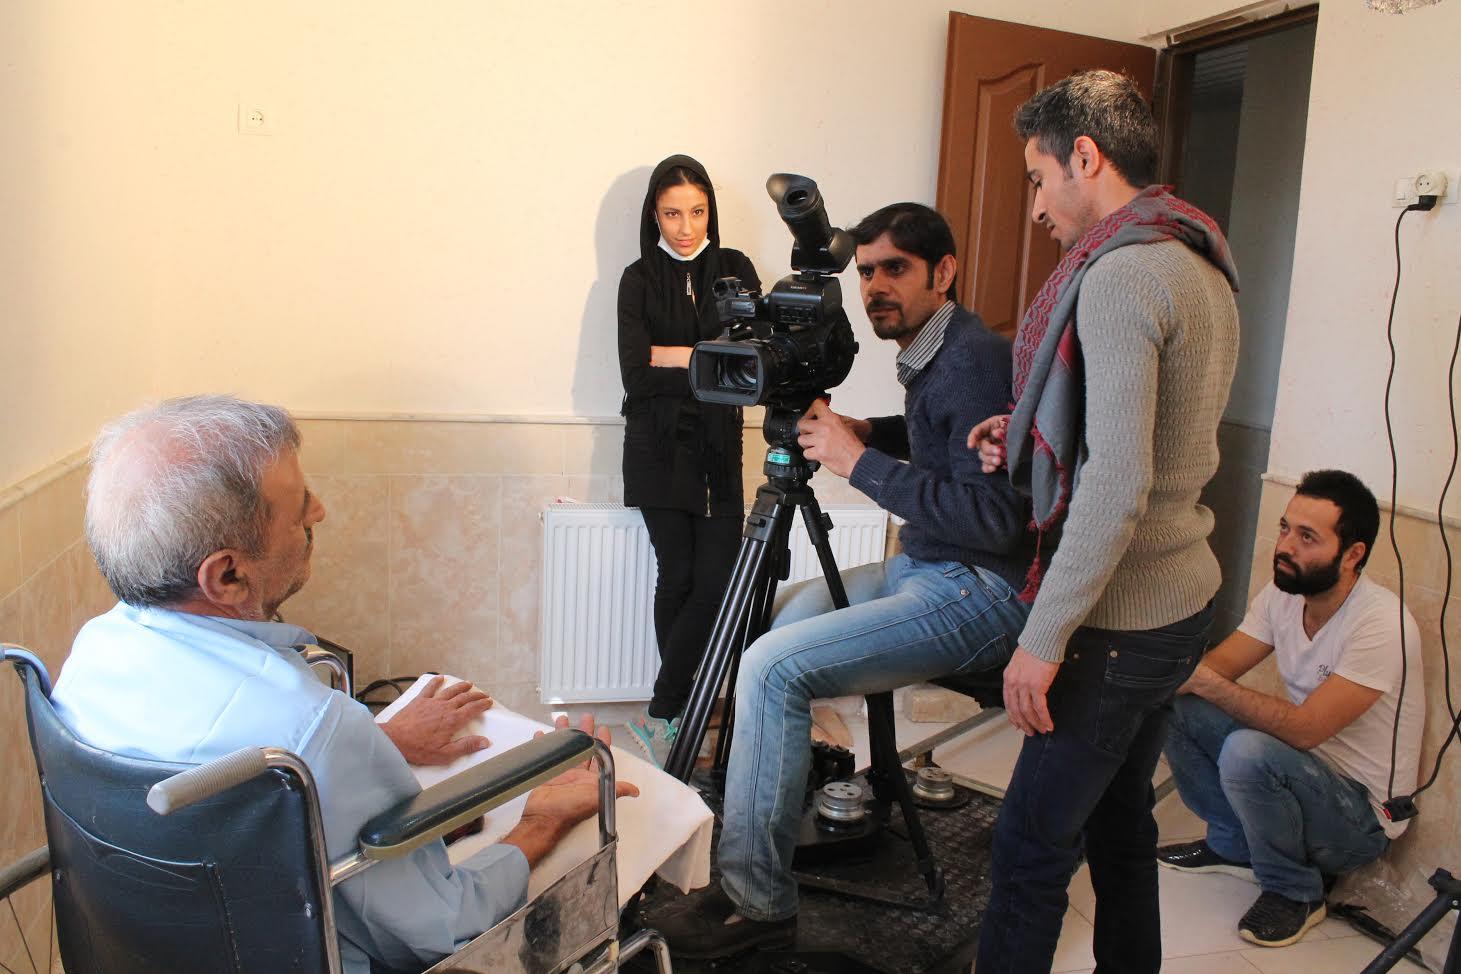 تولید «خبرخوش» در انجمن سینمای جوانان کاشان